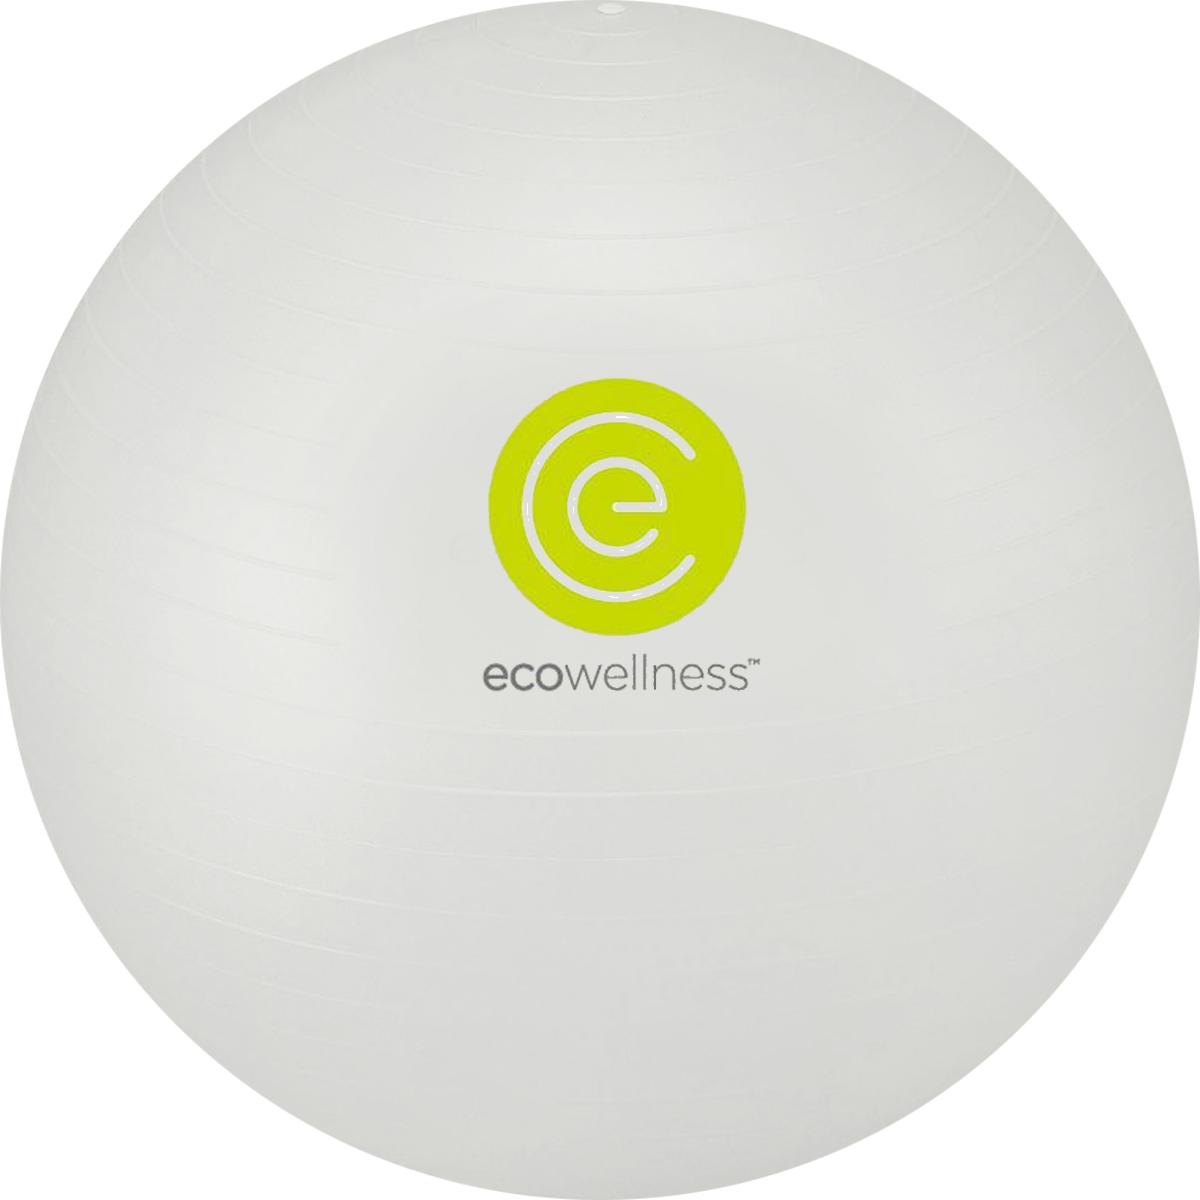 Мяч гимнастический Ecowellness, c ручным насосом, цвет: серый, диаметр 65 смQB-001TAG3-26_серыйМяч Ecowellness предназначен для гимнастических и медицинских целей в лечебных упражнениях. Он выполнен из прочного гипоаллергенного ПВХ. Прекрасно подходит для использования в домашних условиях. Данный мяч можно использовать для: реабилитации после травм и операций, восстановления после перенесенного инсульта, стимуляции и релаксации мышечных тканей, улучшения кровообращения, лечении и профилактики сколиоза, при заболеваниях или повреждениях опорно-двигательного аппарата.